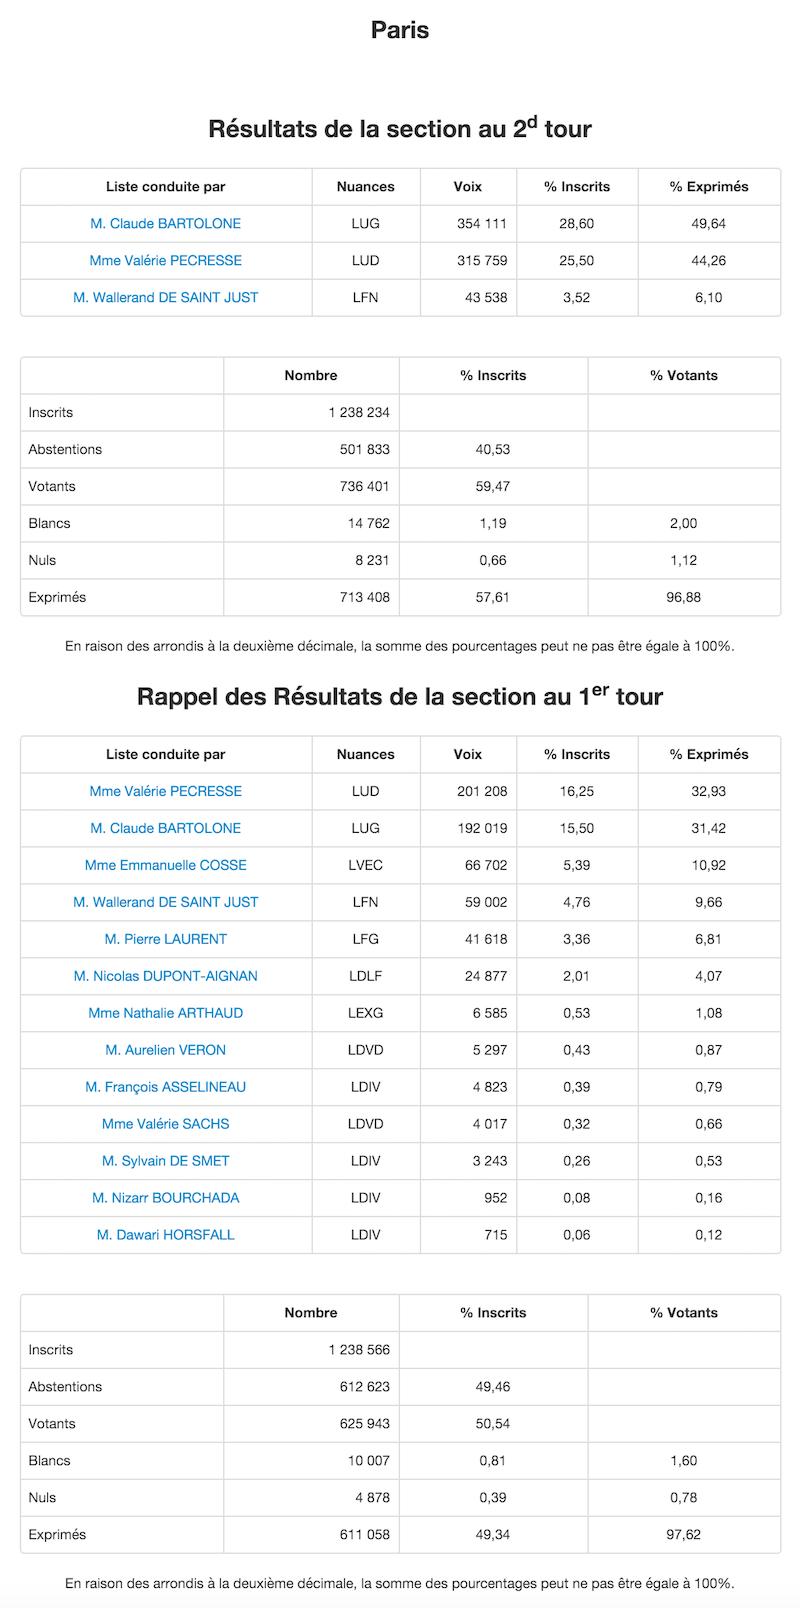 Régionales 2015 et 2010 dans le 7e arrondissement de Paris